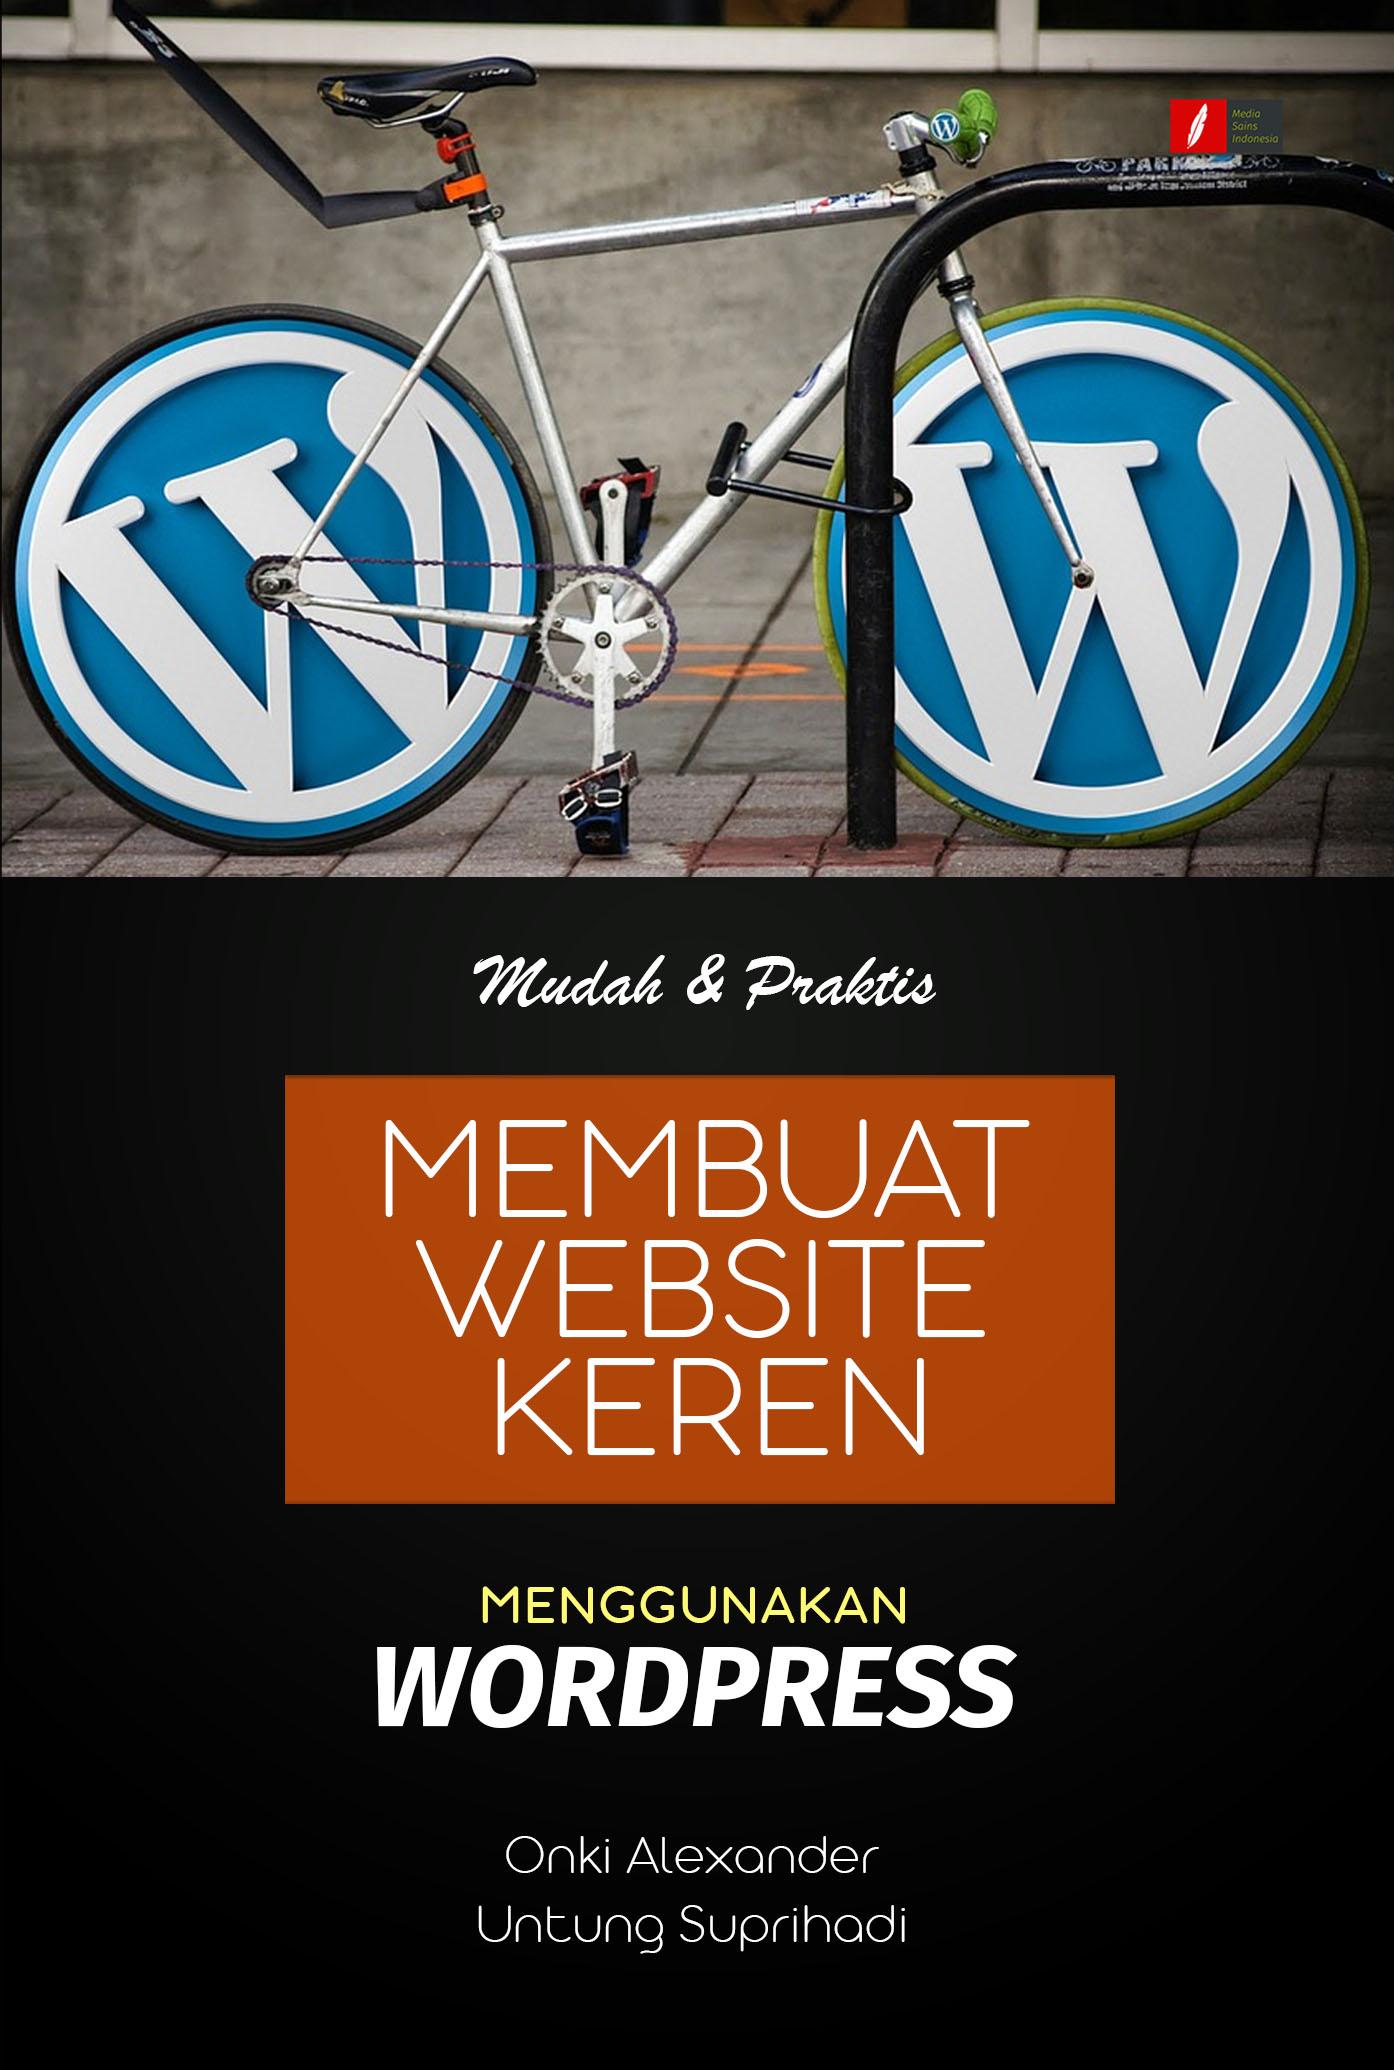 Mudah & praktis membuat website keren menggunakan Wordpress [sumber elektronis]